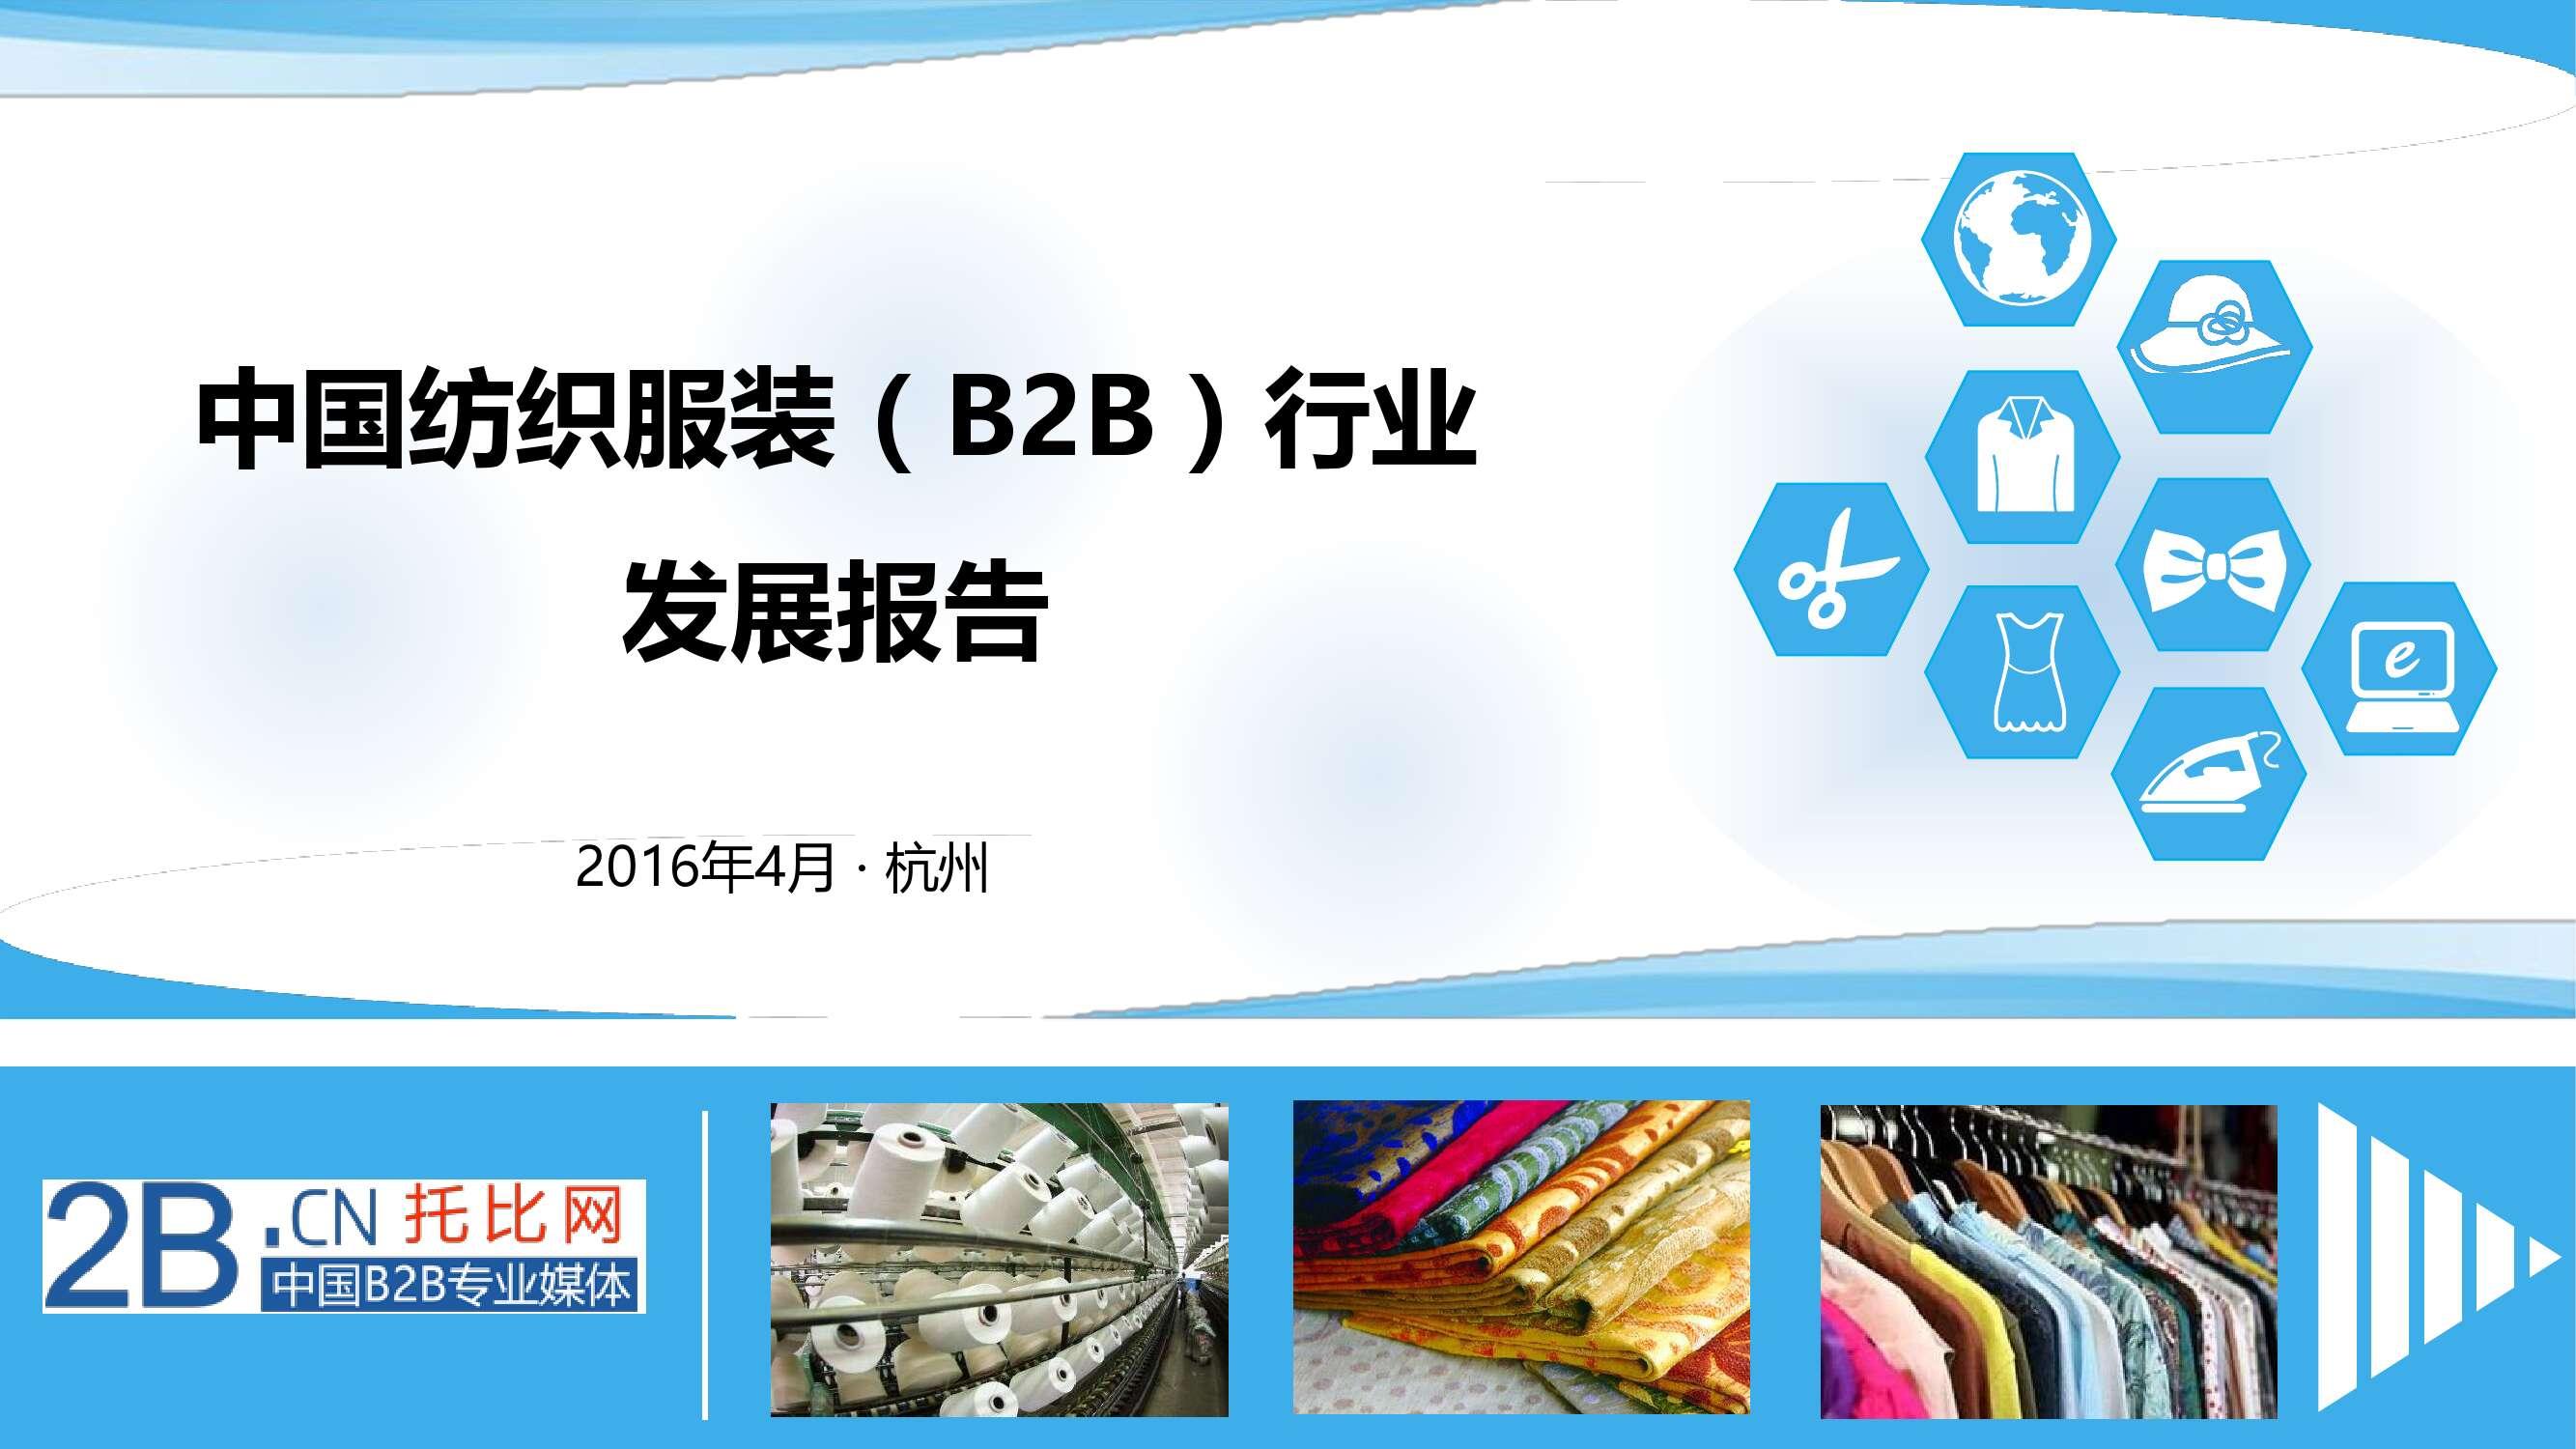 2015年中国纺织服装B2B行业发展报告_000001